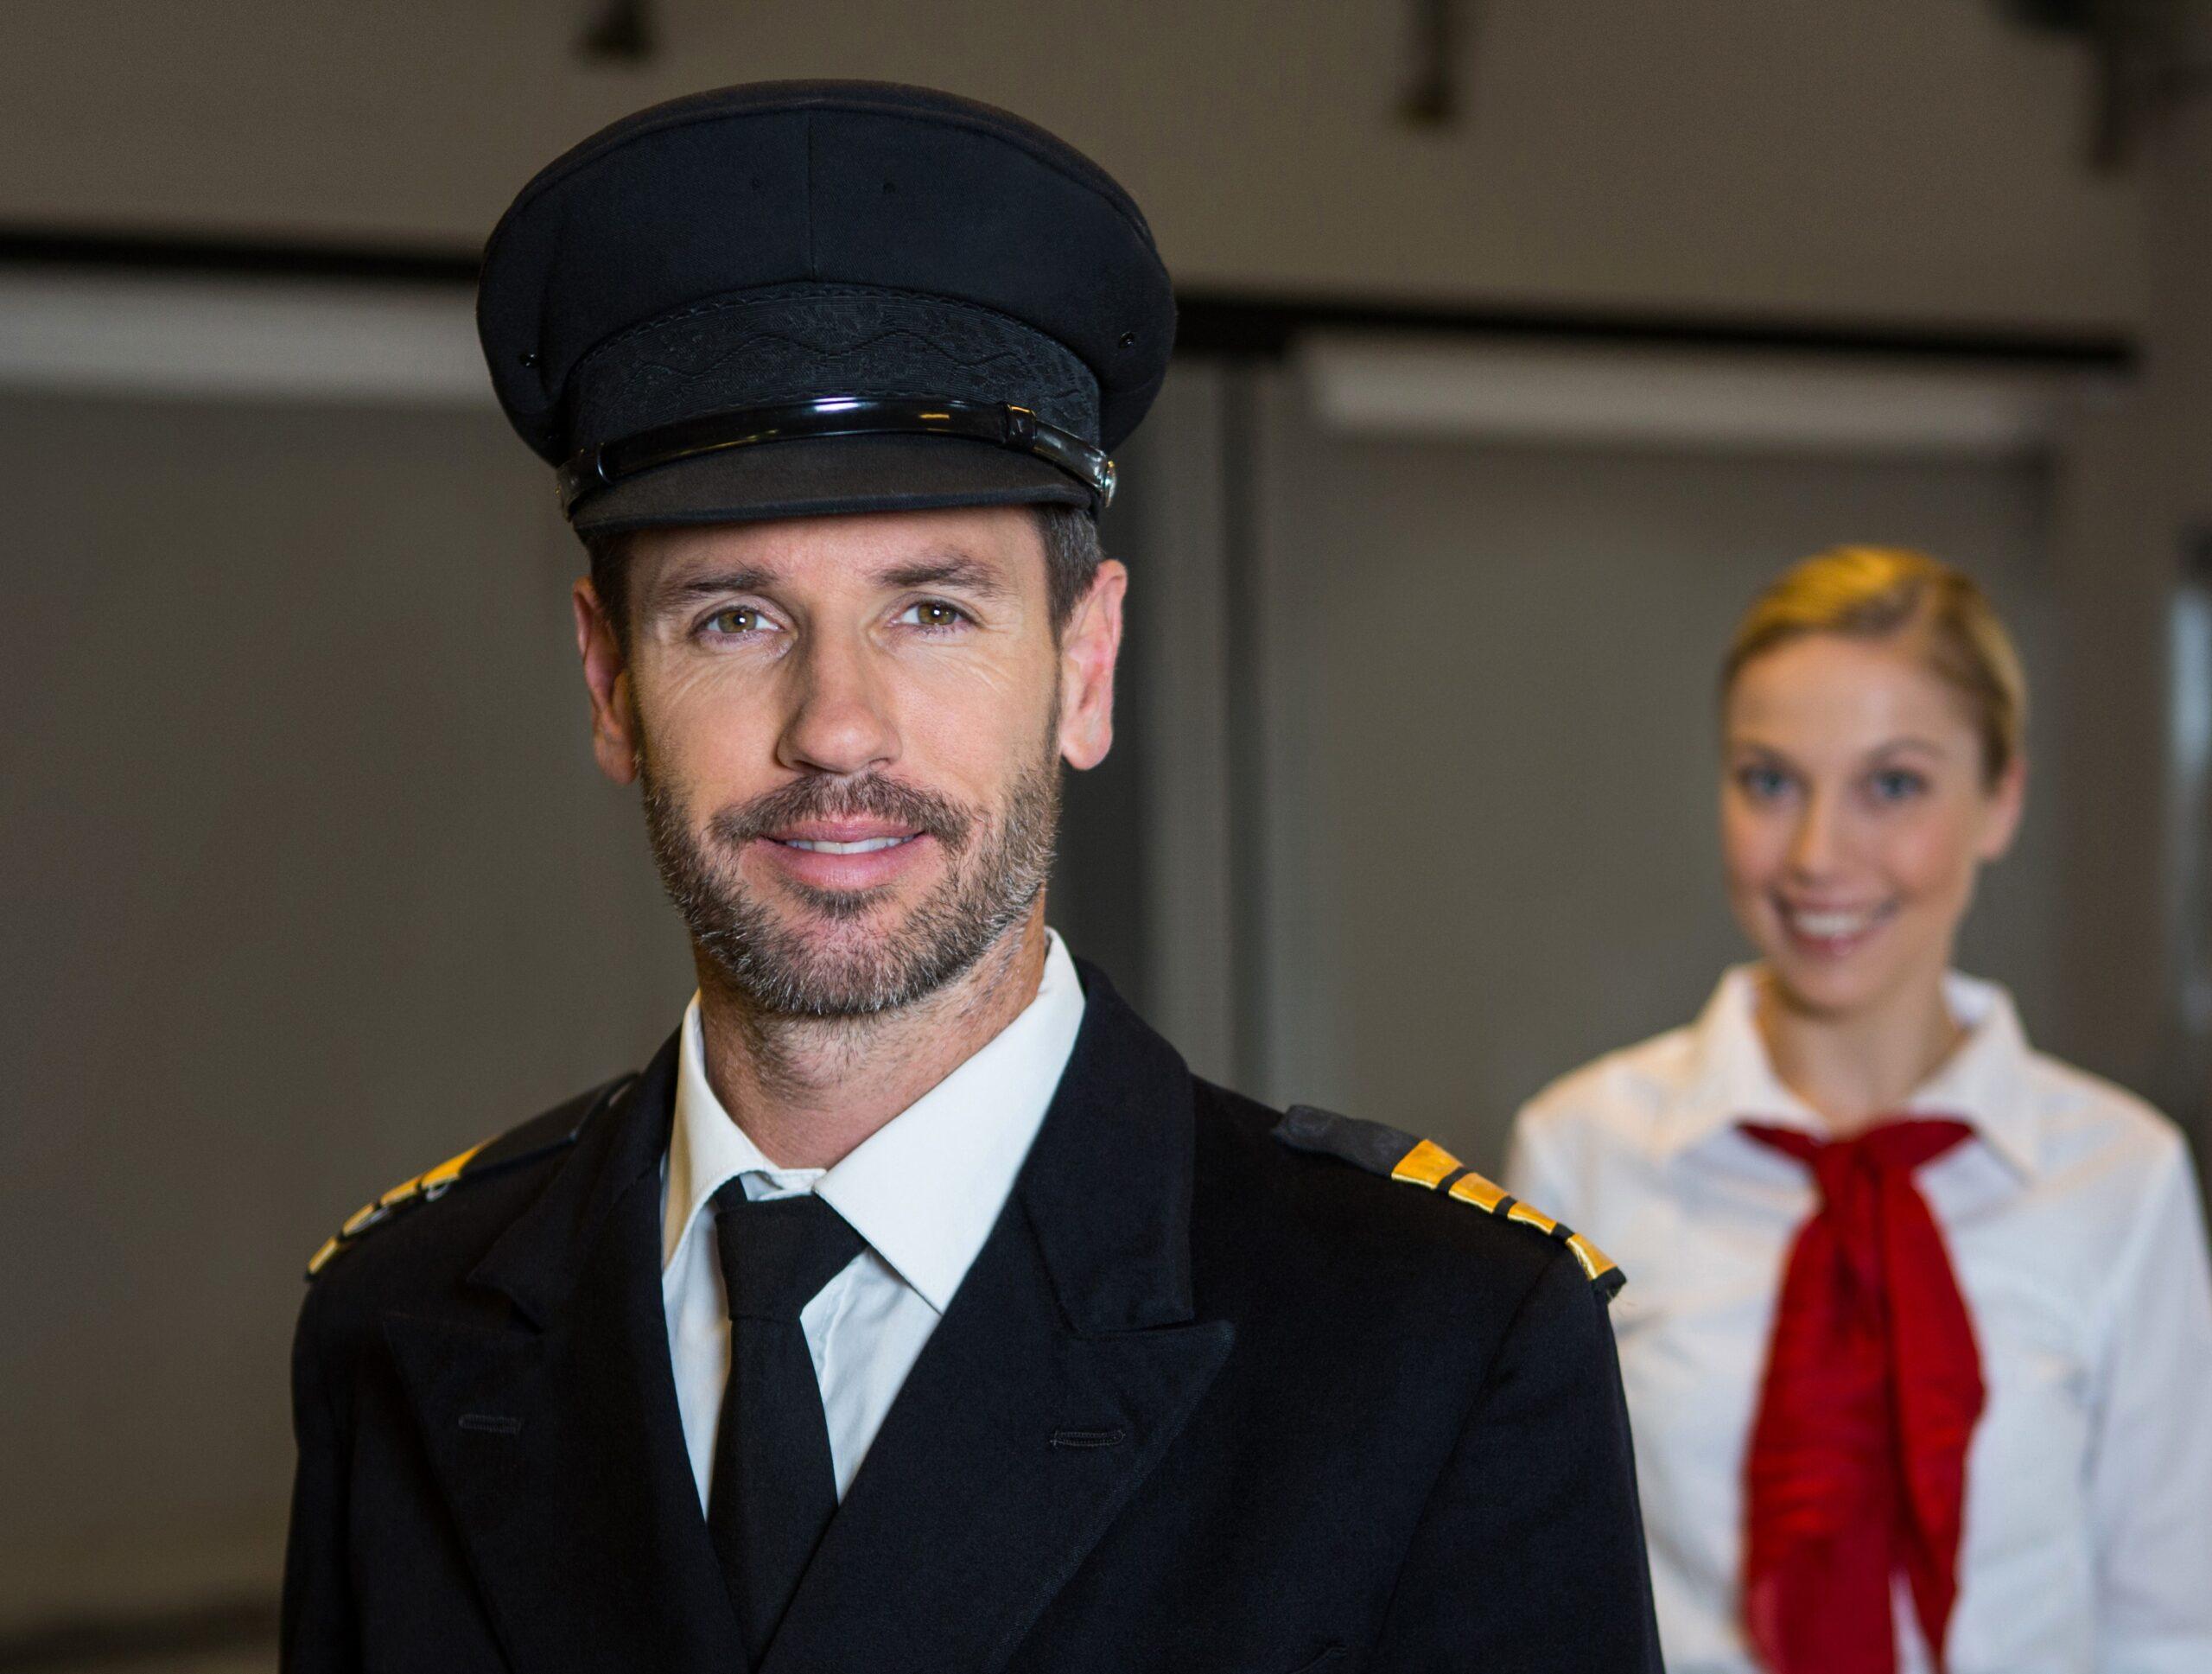 A British Airways-nél 4 beoltott pilóta halt meg egy héten belül!